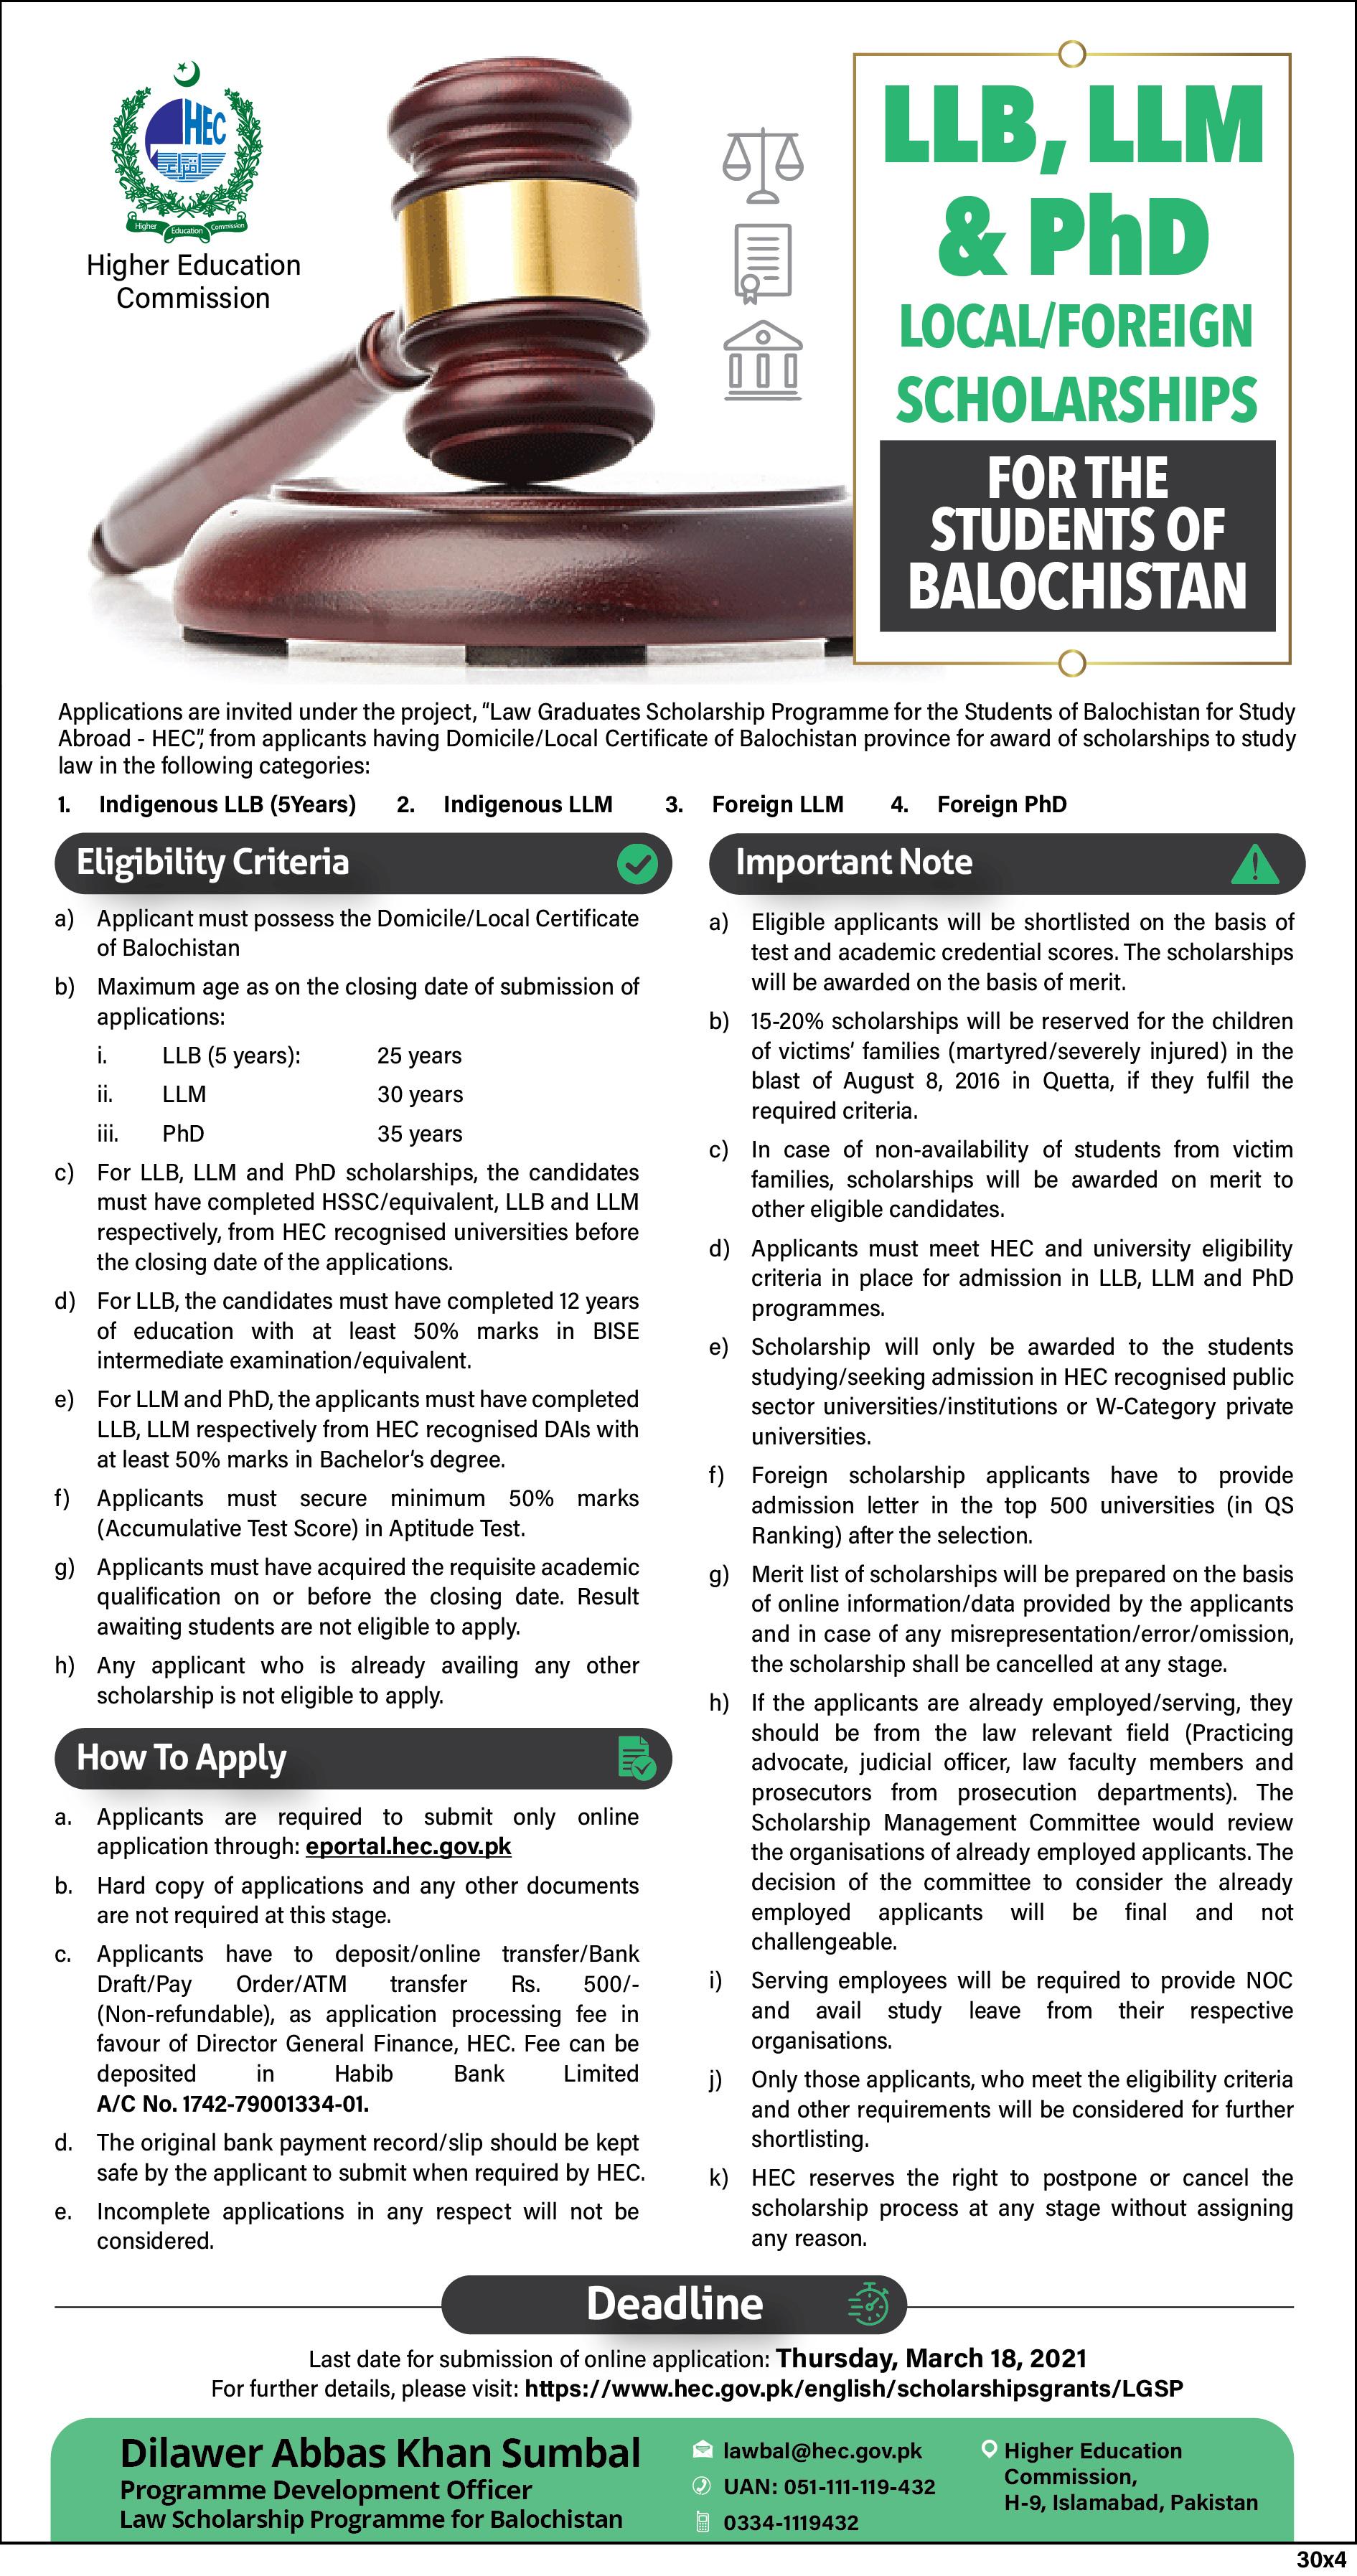 HEC announces Law Graduate scholarship Program for Baluchistan Students